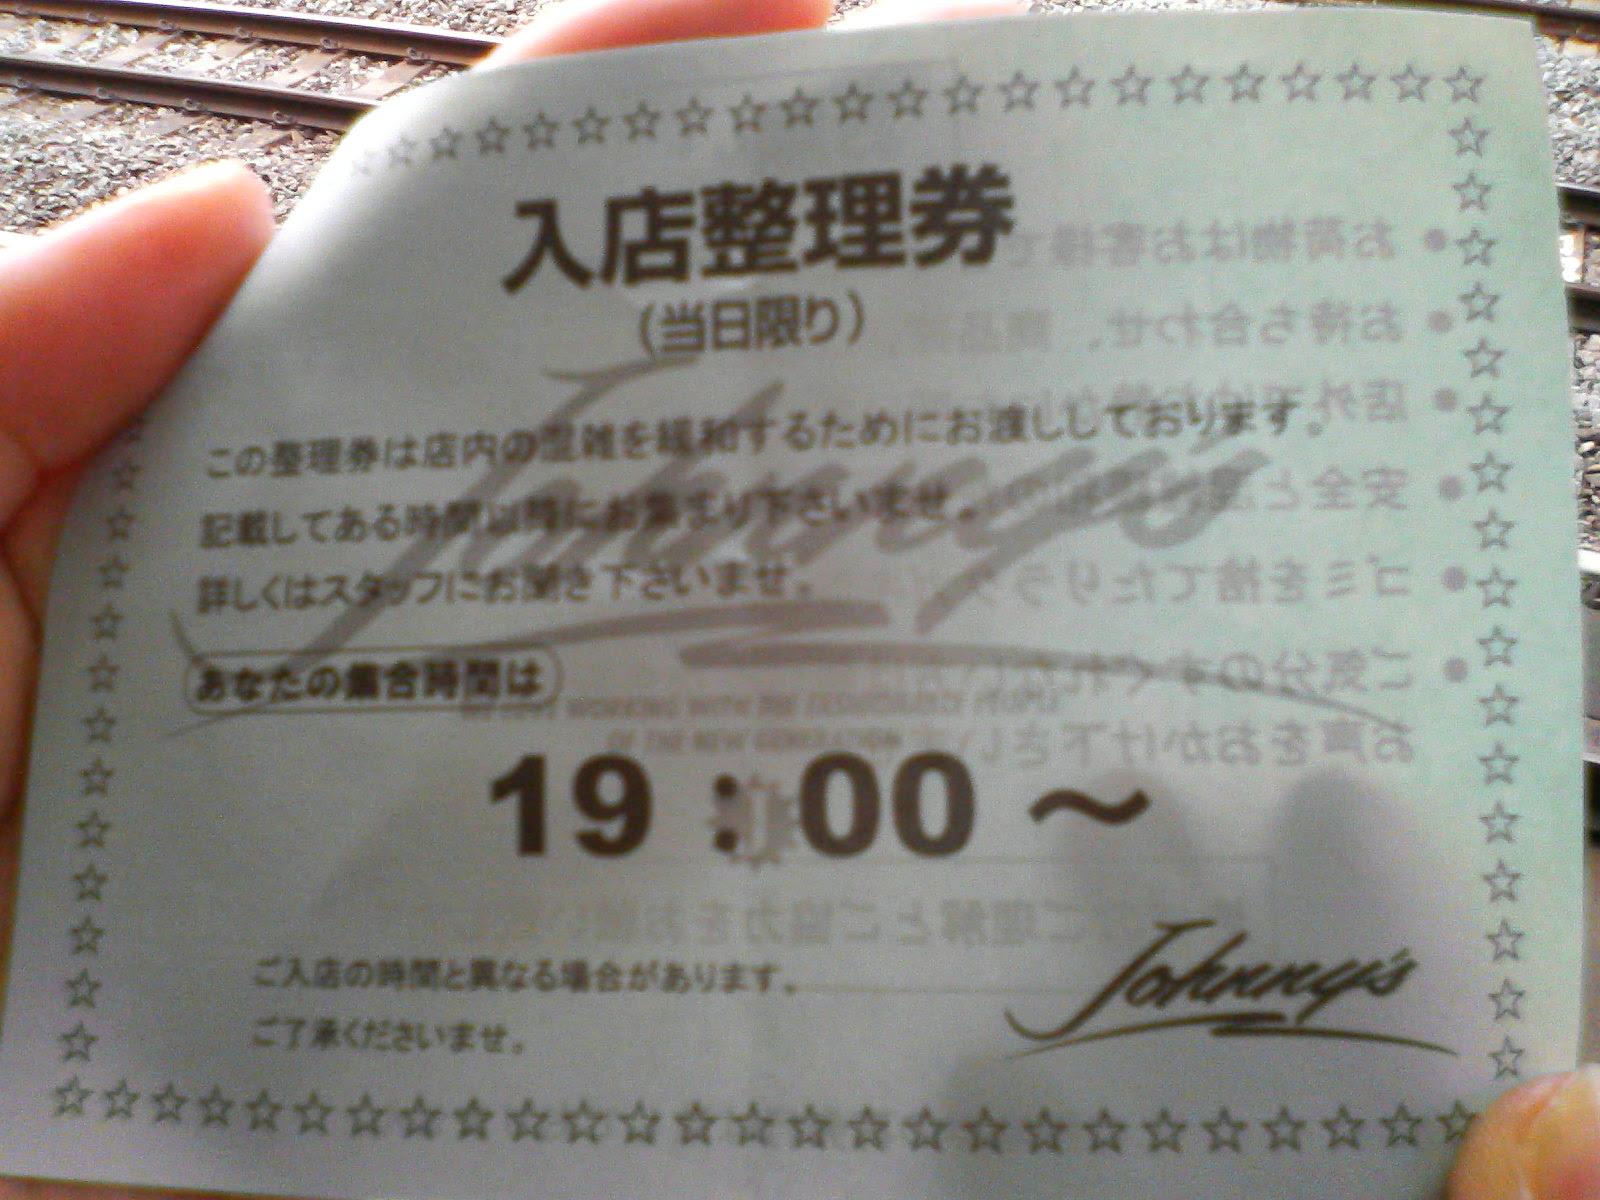 送料 オンライン ジャニーズ ショップ